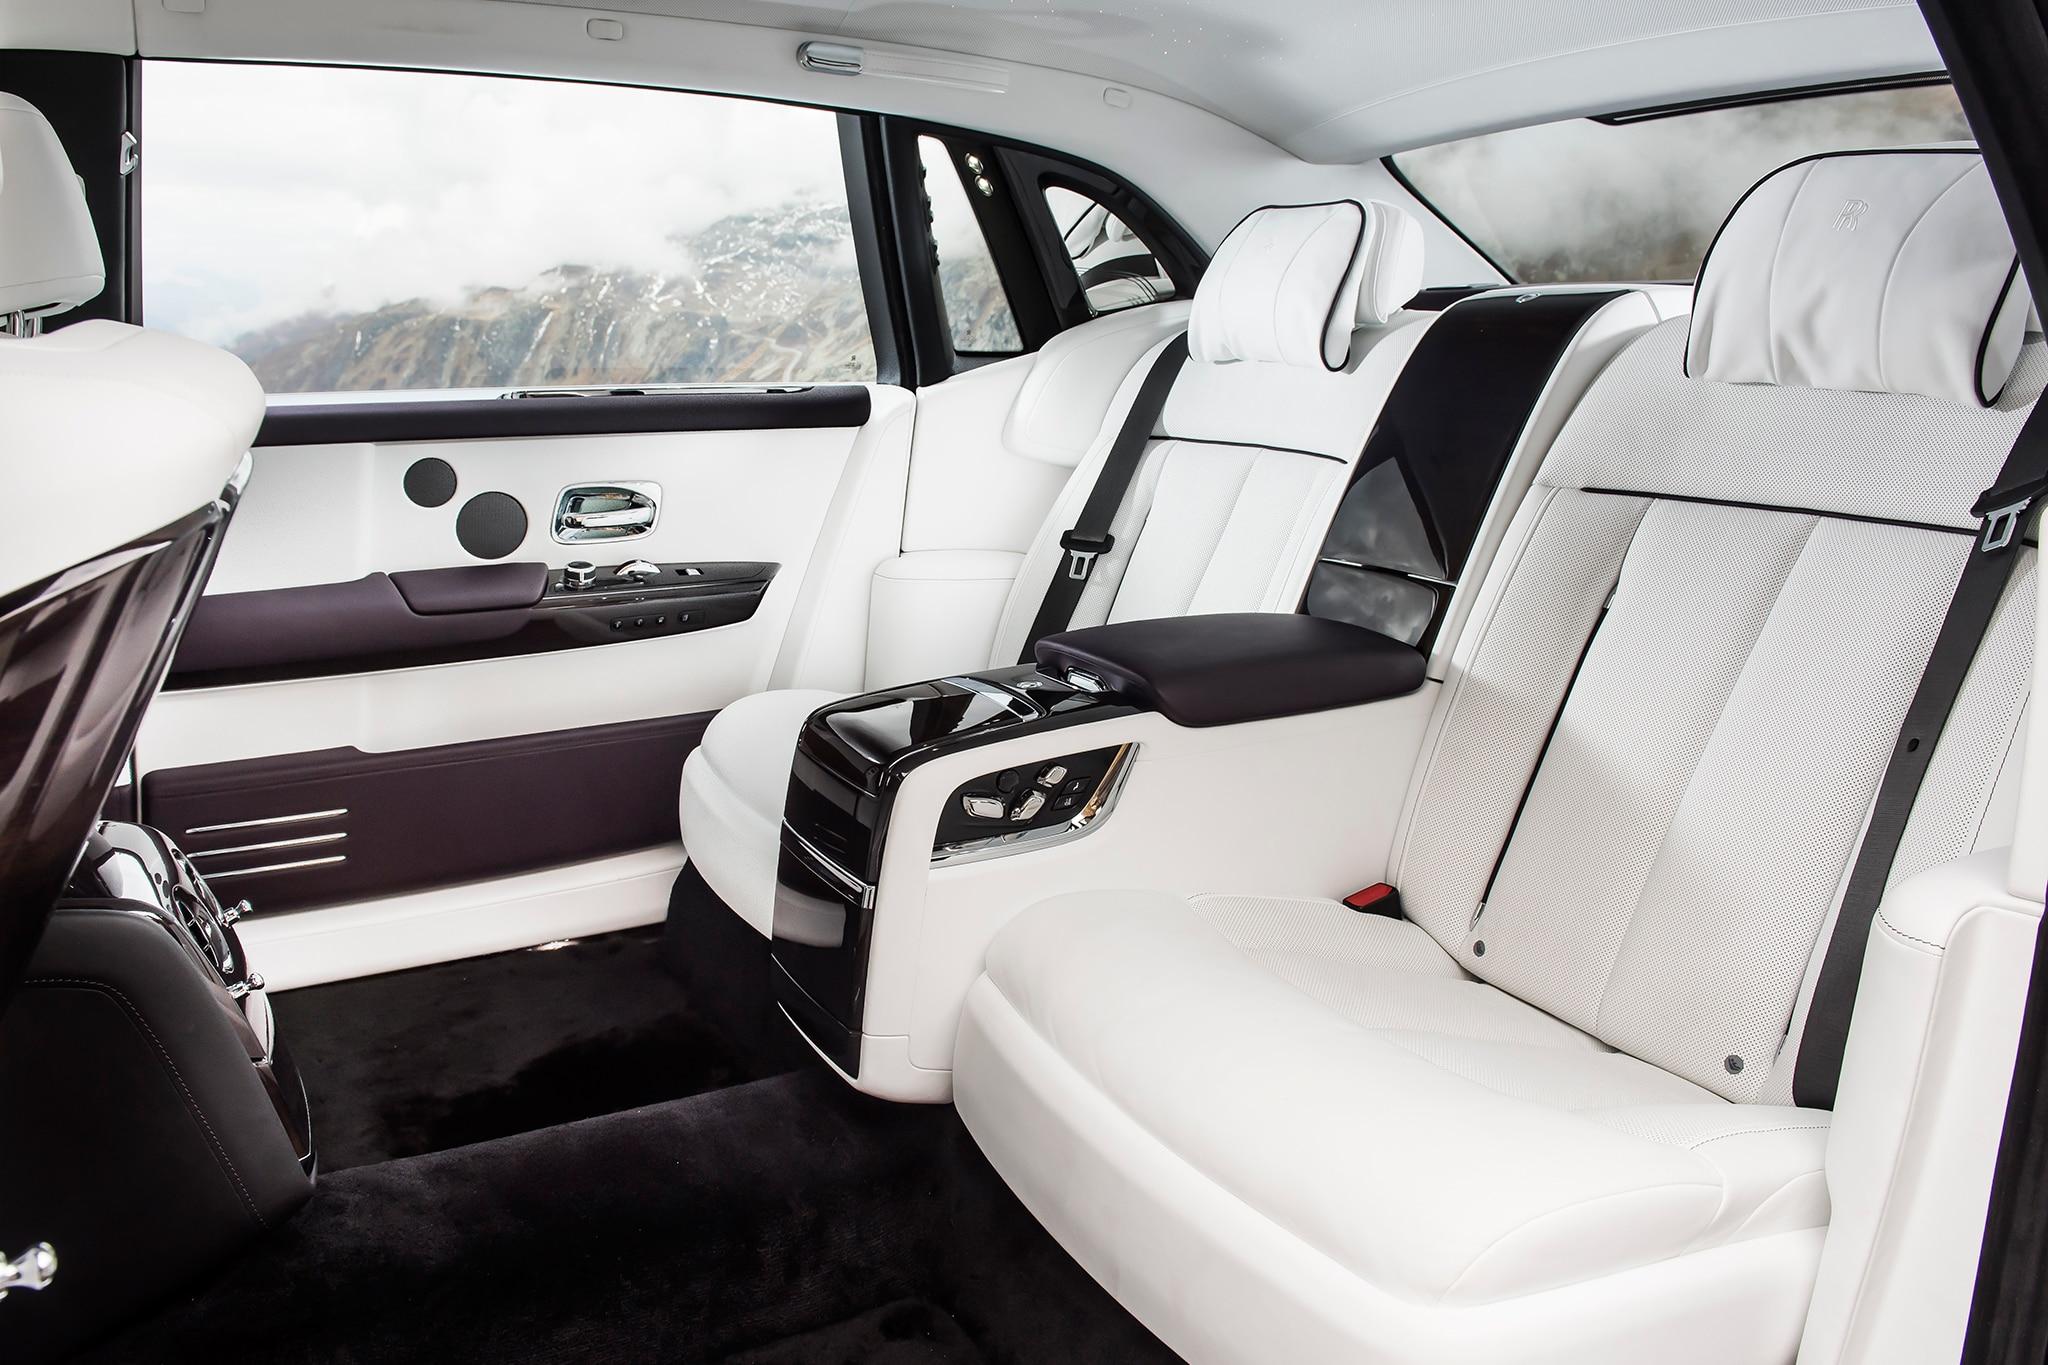 rolls royce ghost 2018 luxury cars. 4 86 rolls royce ghost 2018 luxury cars